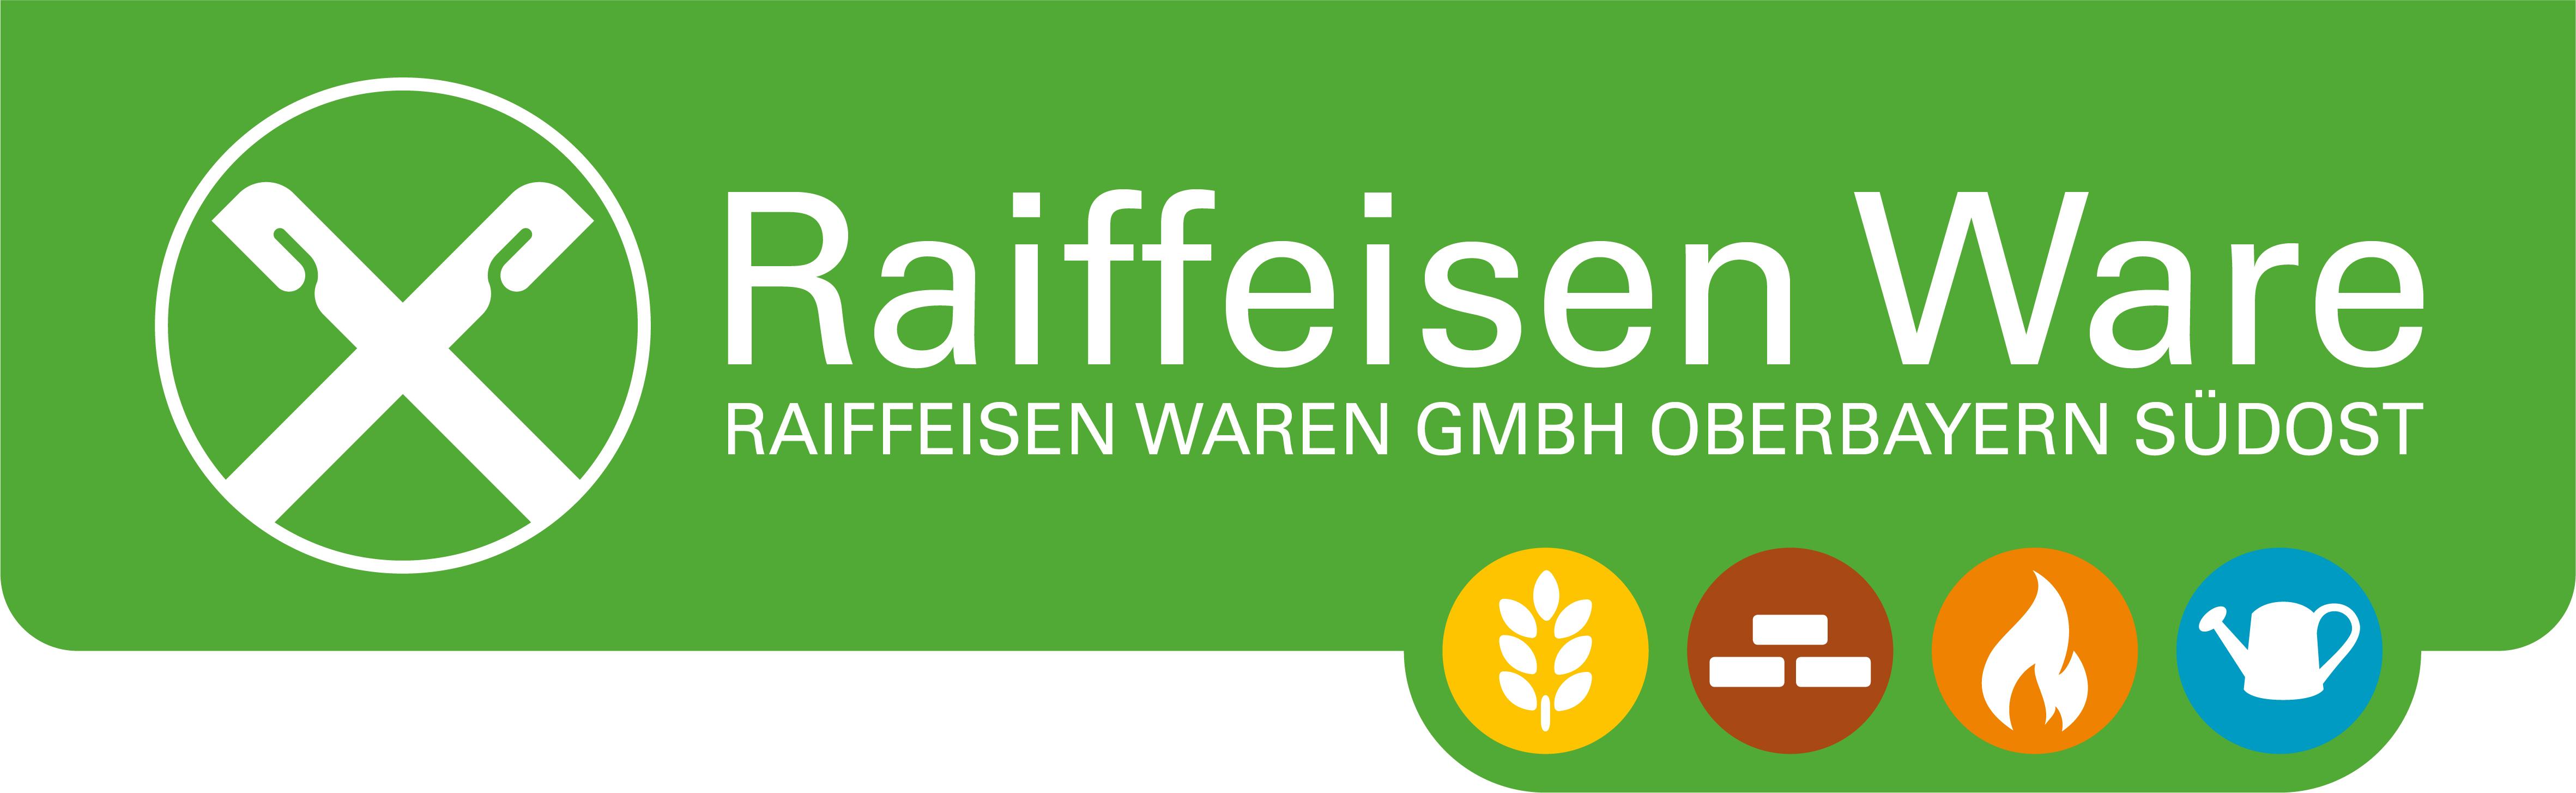 Raiffeisen Waren GmbH Oberbayern Südost - Lagerhaus Siegsdorf Siegsdorf